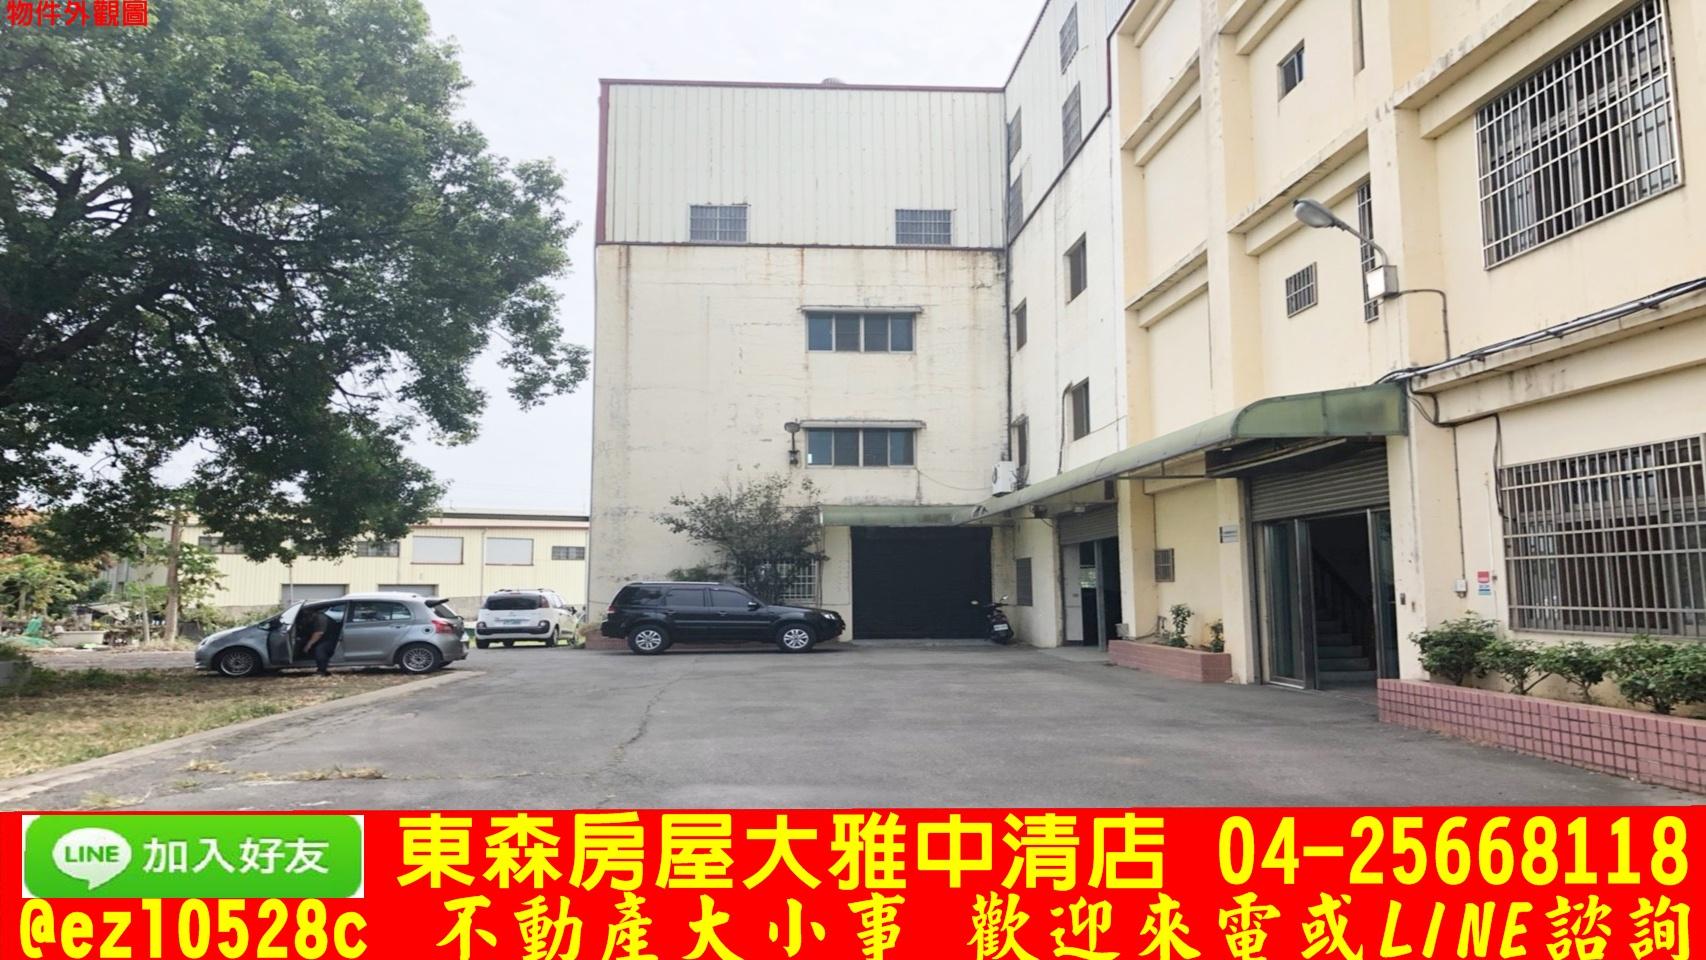 東森房屋大雅中清店-秀山田+建廠房